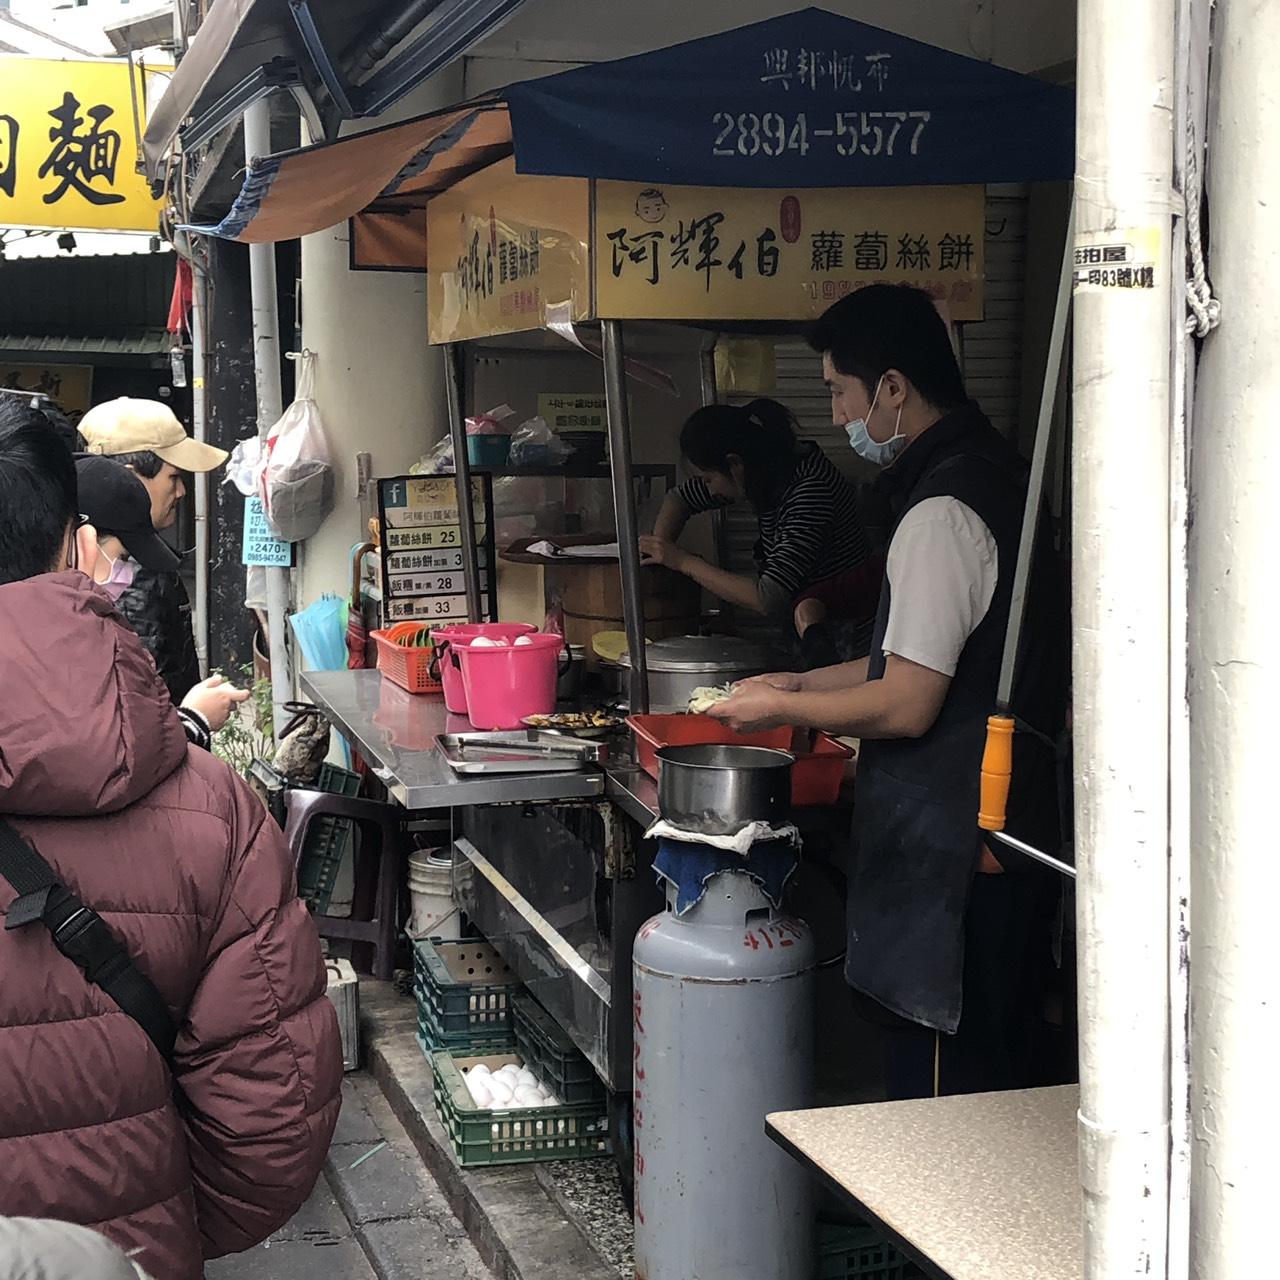 【食記】北投阿輝伯蘿蔔絲餅|北投在地排隊早餐|北投站捷運美食